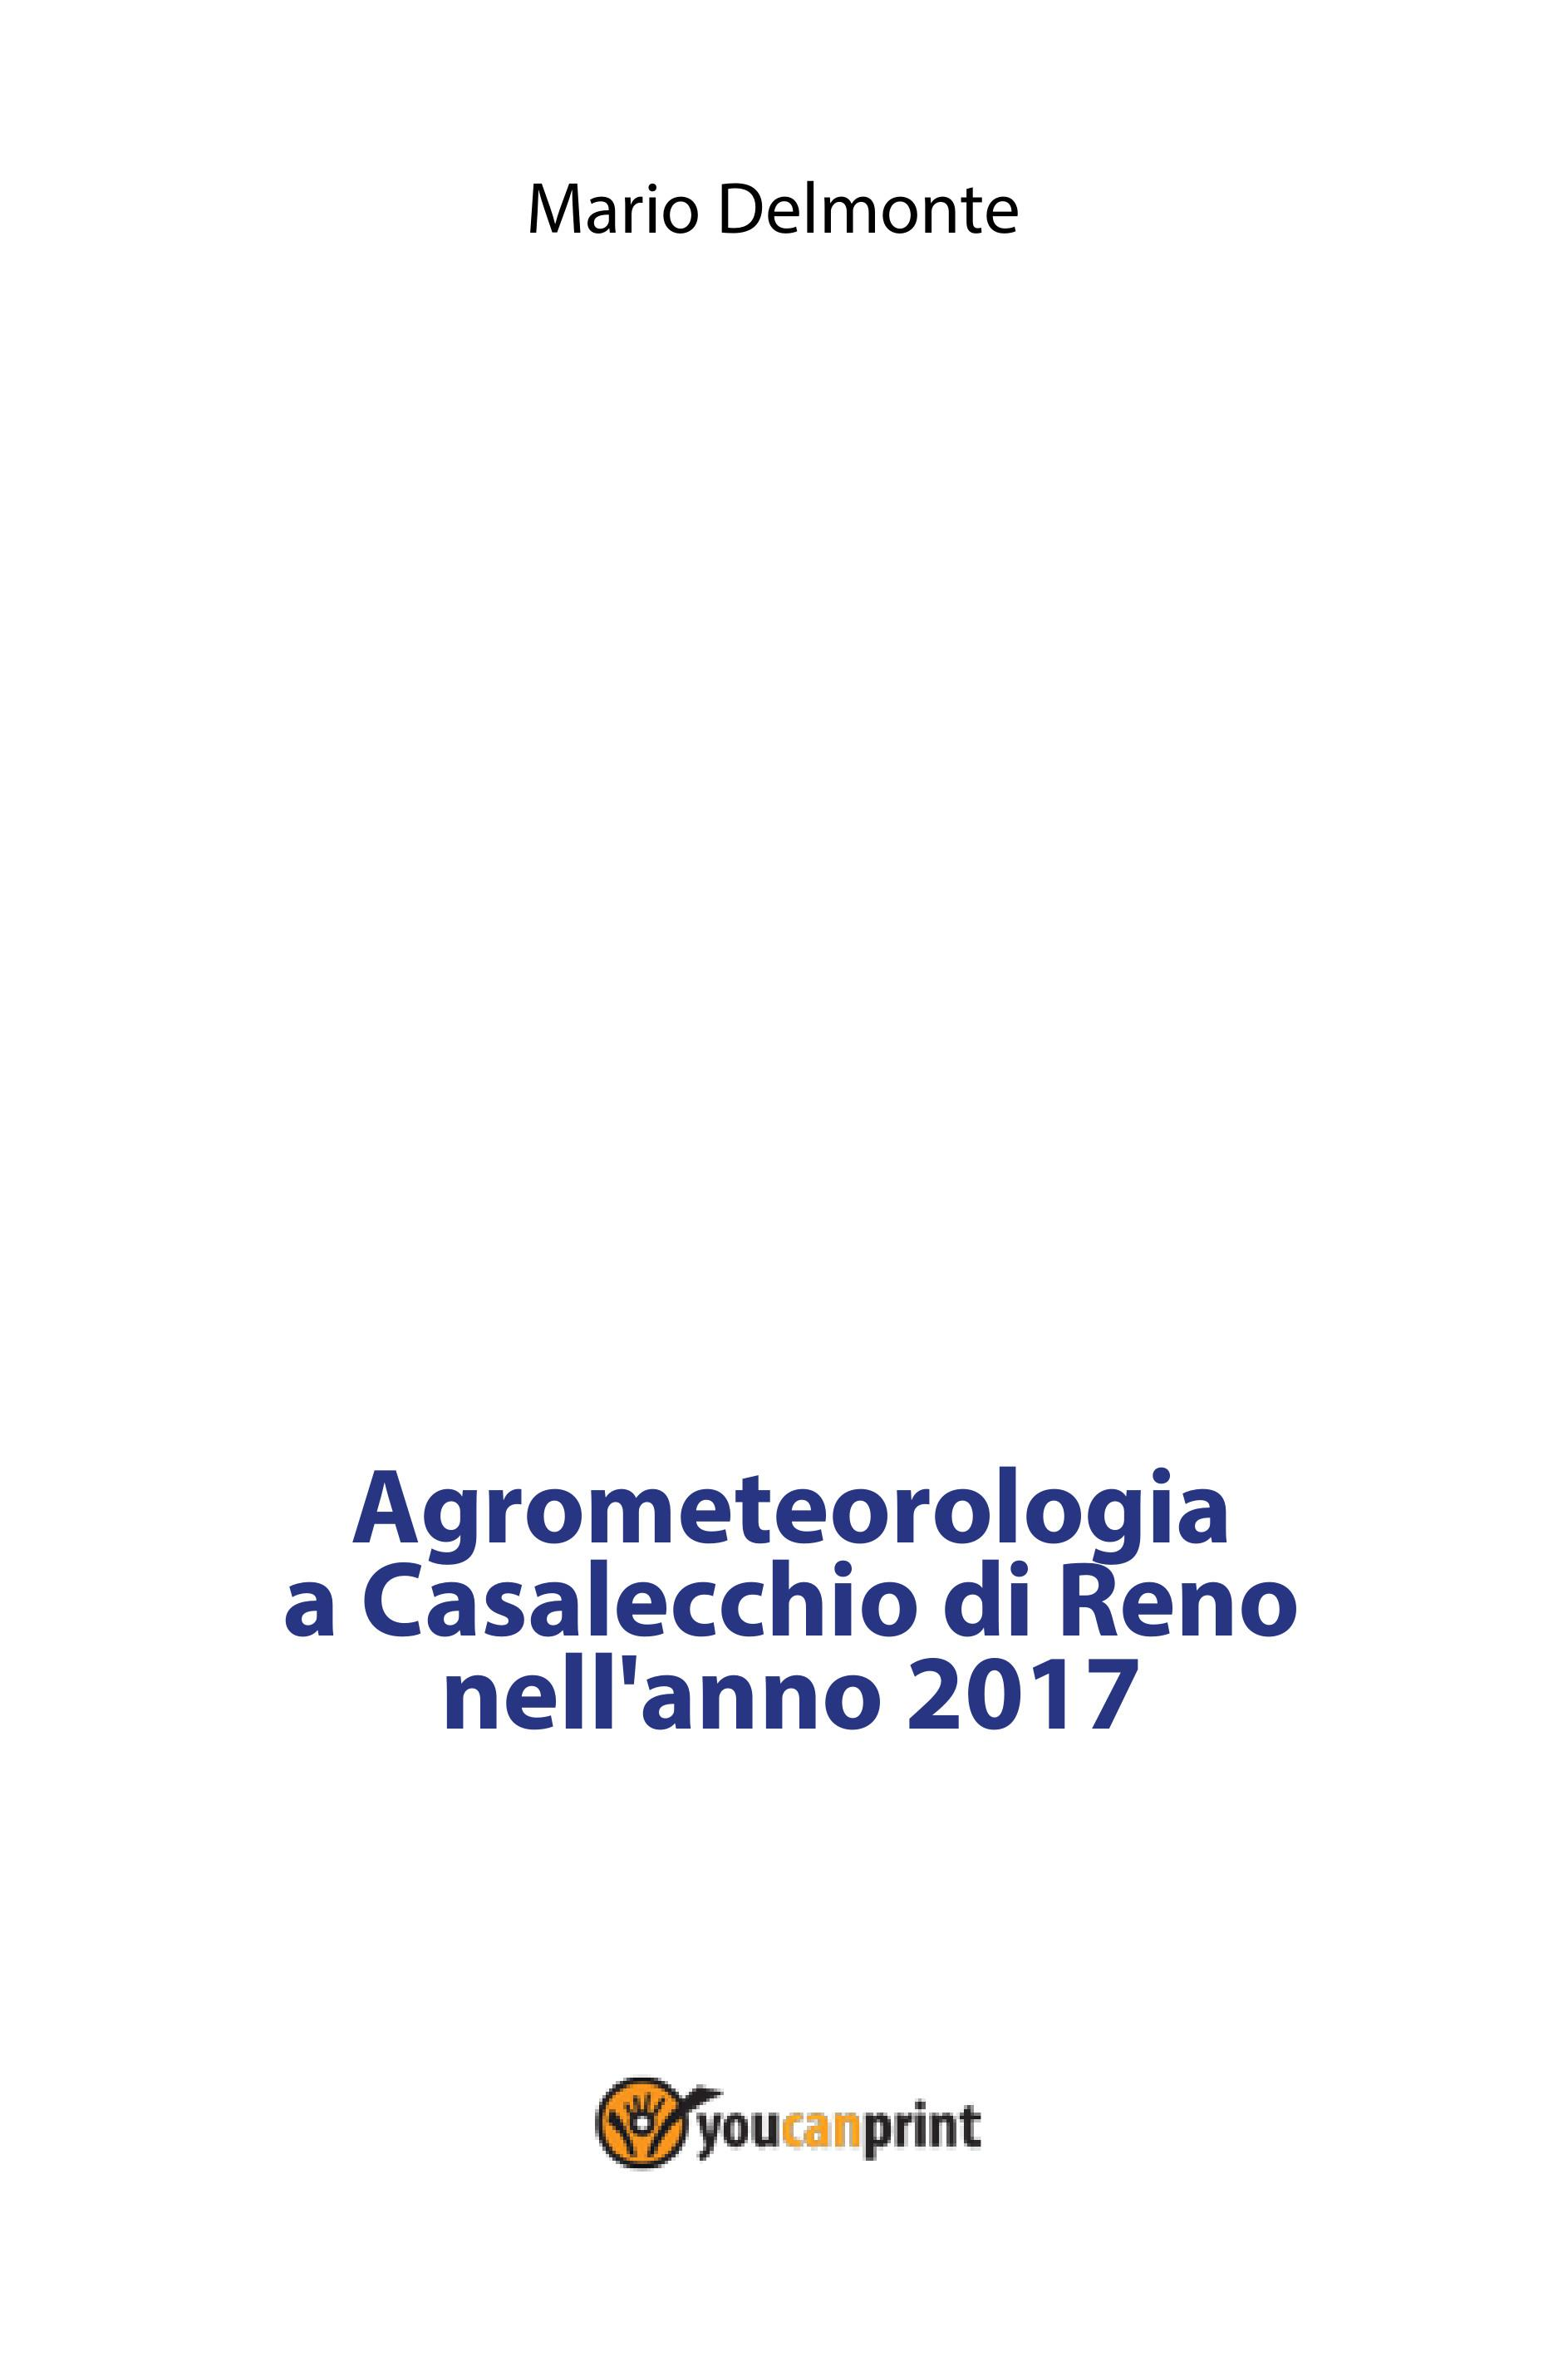 Agrometeorologia a Casalecchio di Reno nell'anno 2017